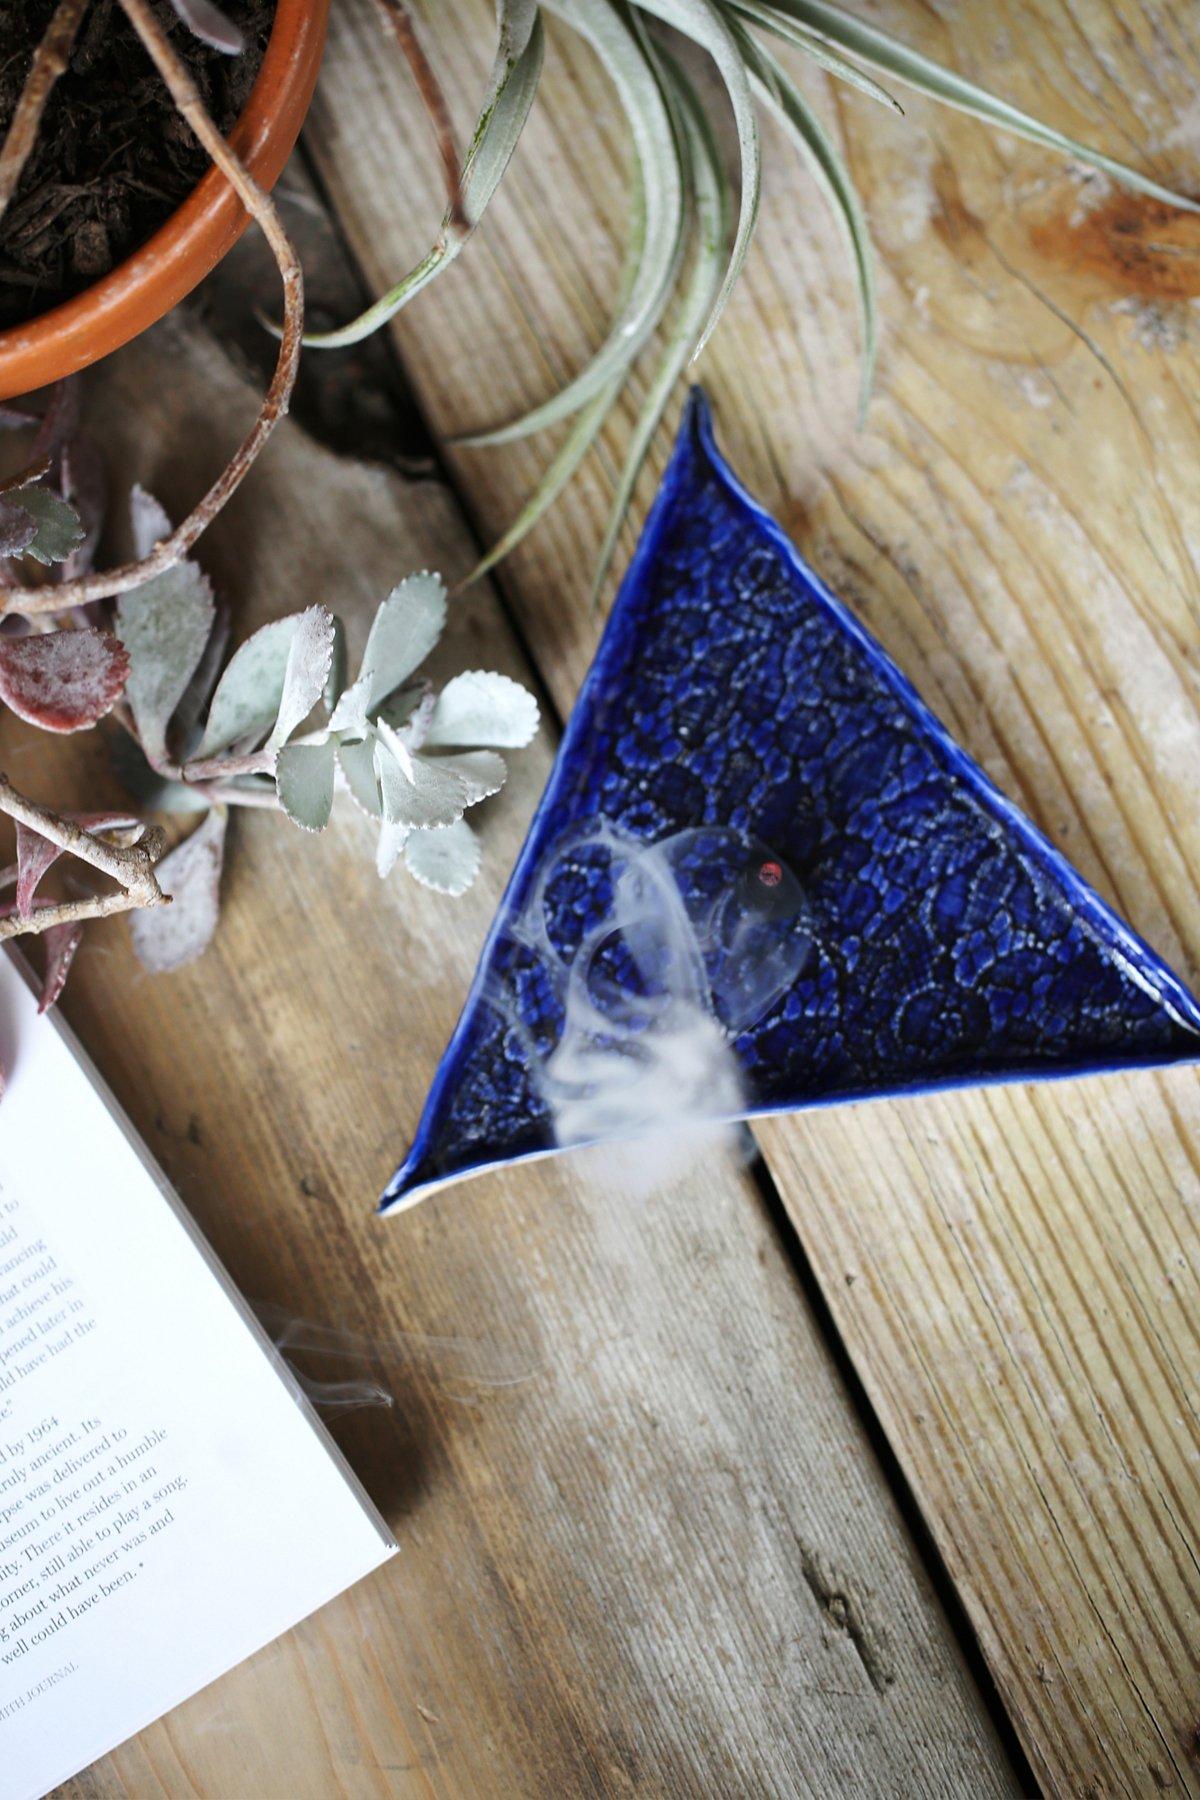 三角锥形香薰盘